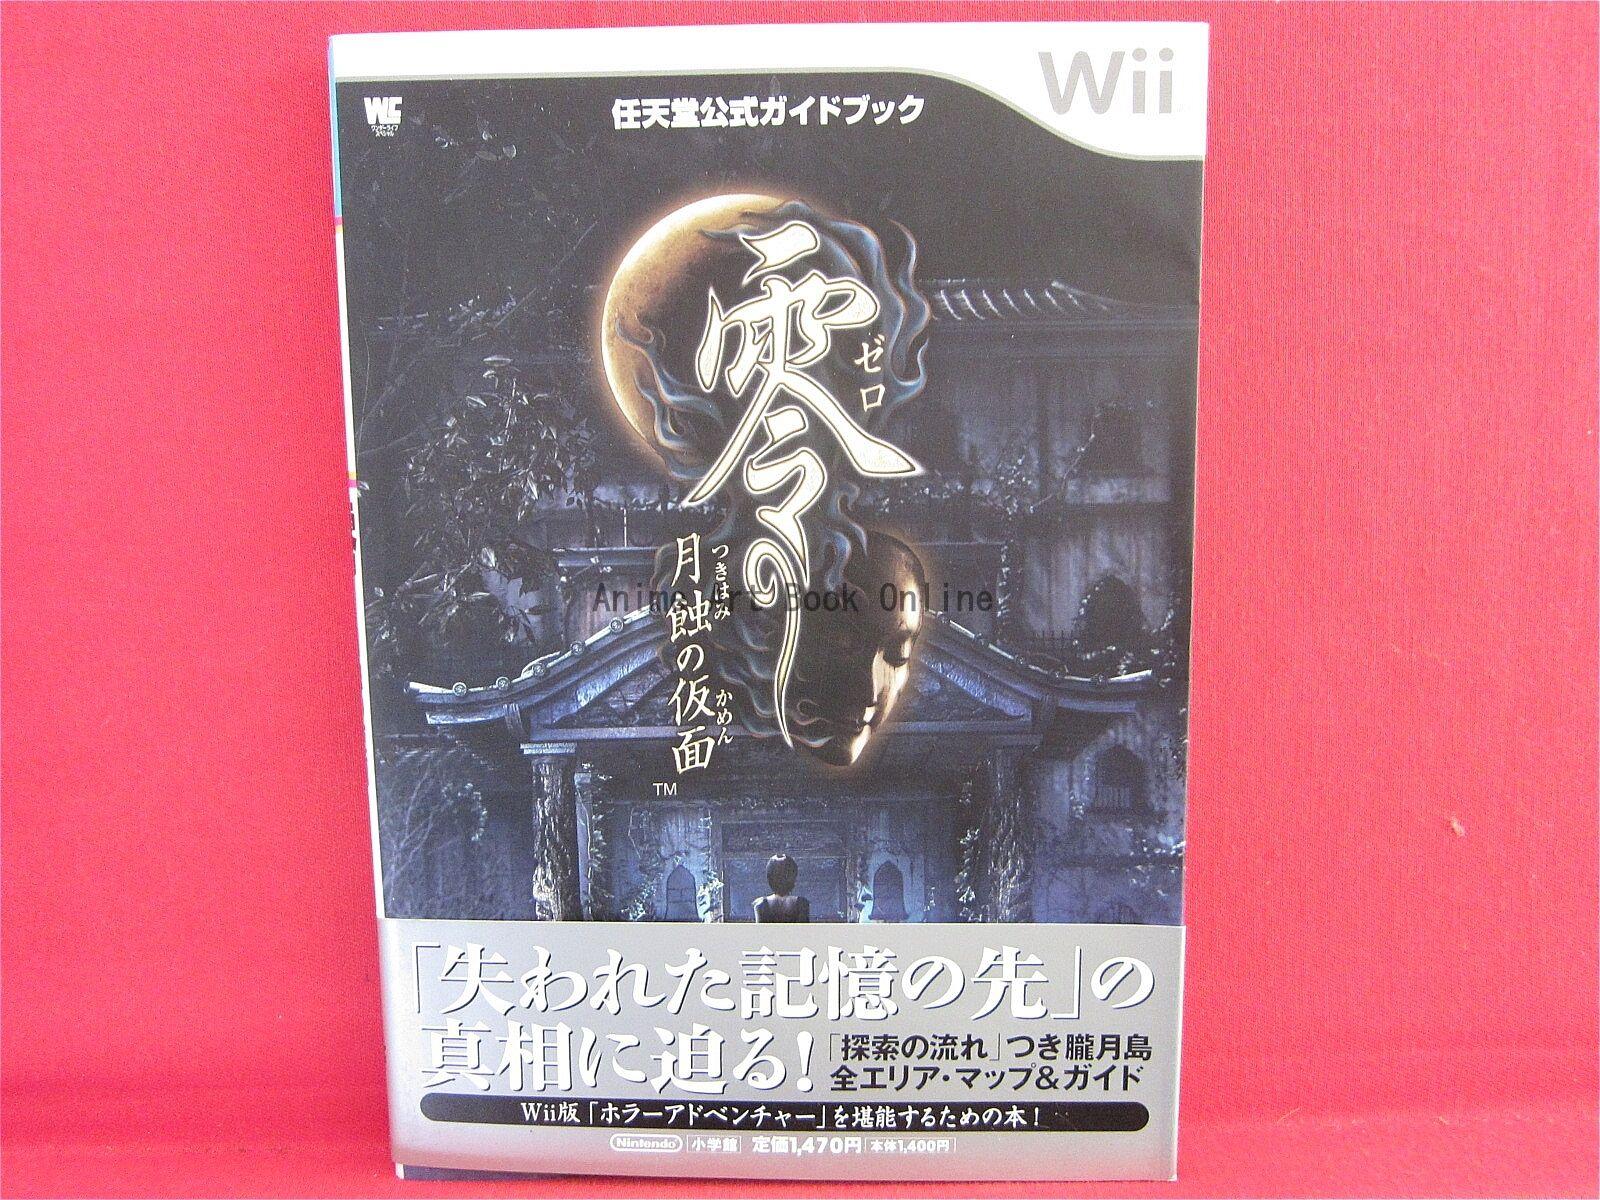 Fatal Frame IV Mask Lunar Eclipse Wii Game Guide Book | eBay